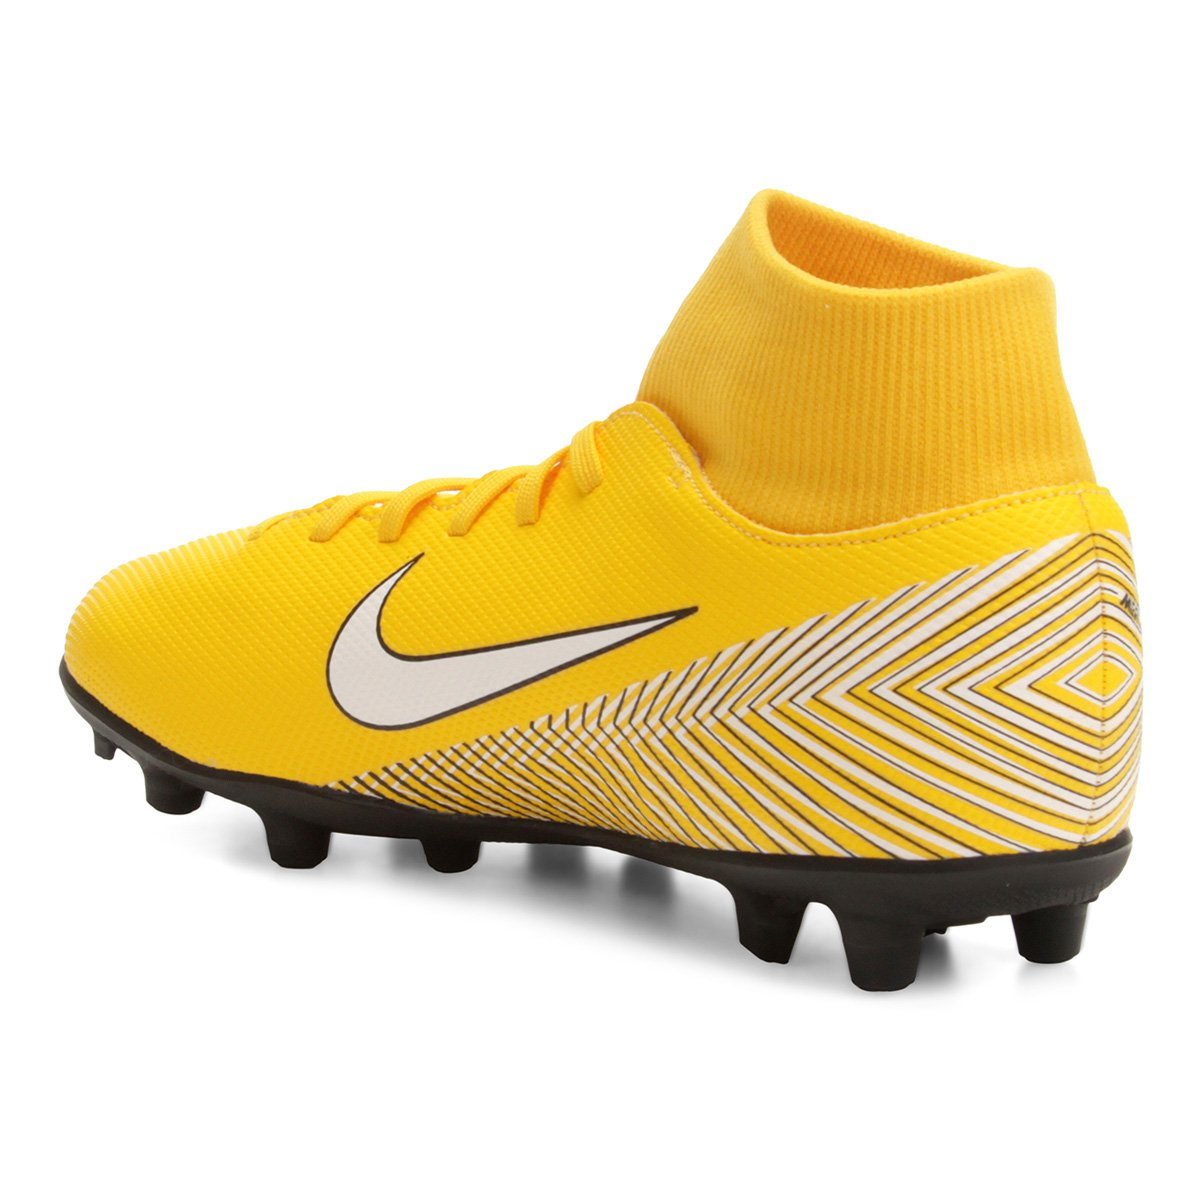 Chuteira Campo Nike Mercurial Superfly 6 Club Neymar FG - Amarelo e ... 2b1de168c6211